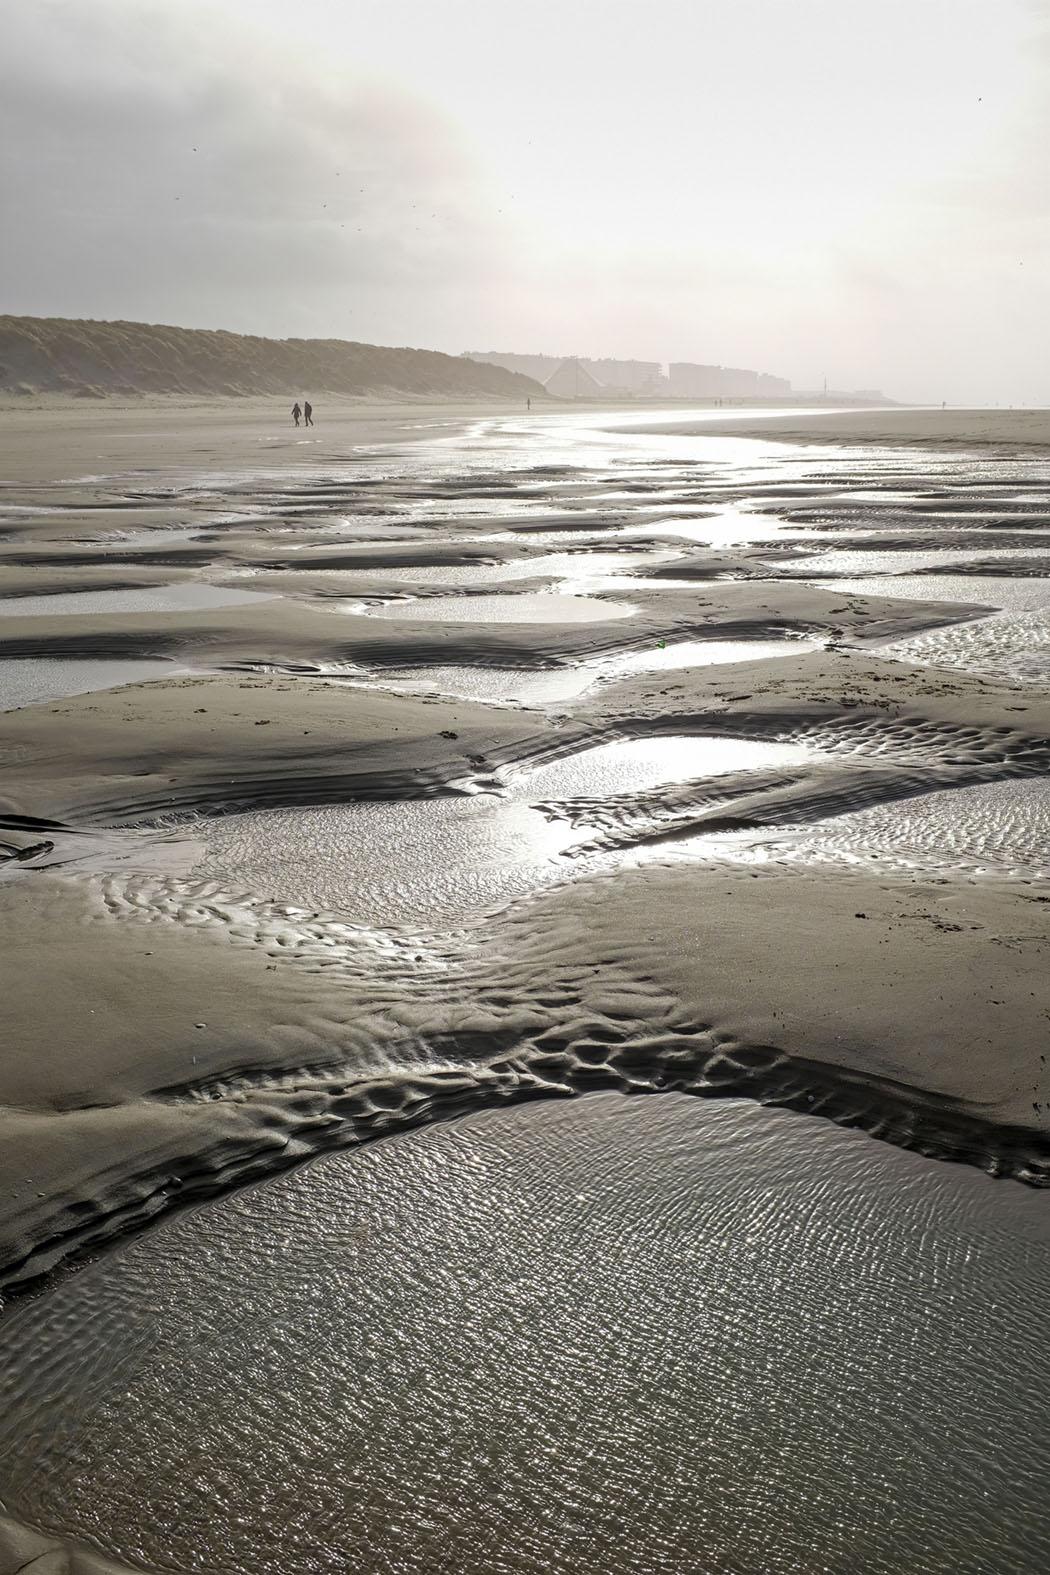 Auch wenn es im Ort sehr voll ist, trifft man am Strand nur wenige Menschen © Michael Kneffel